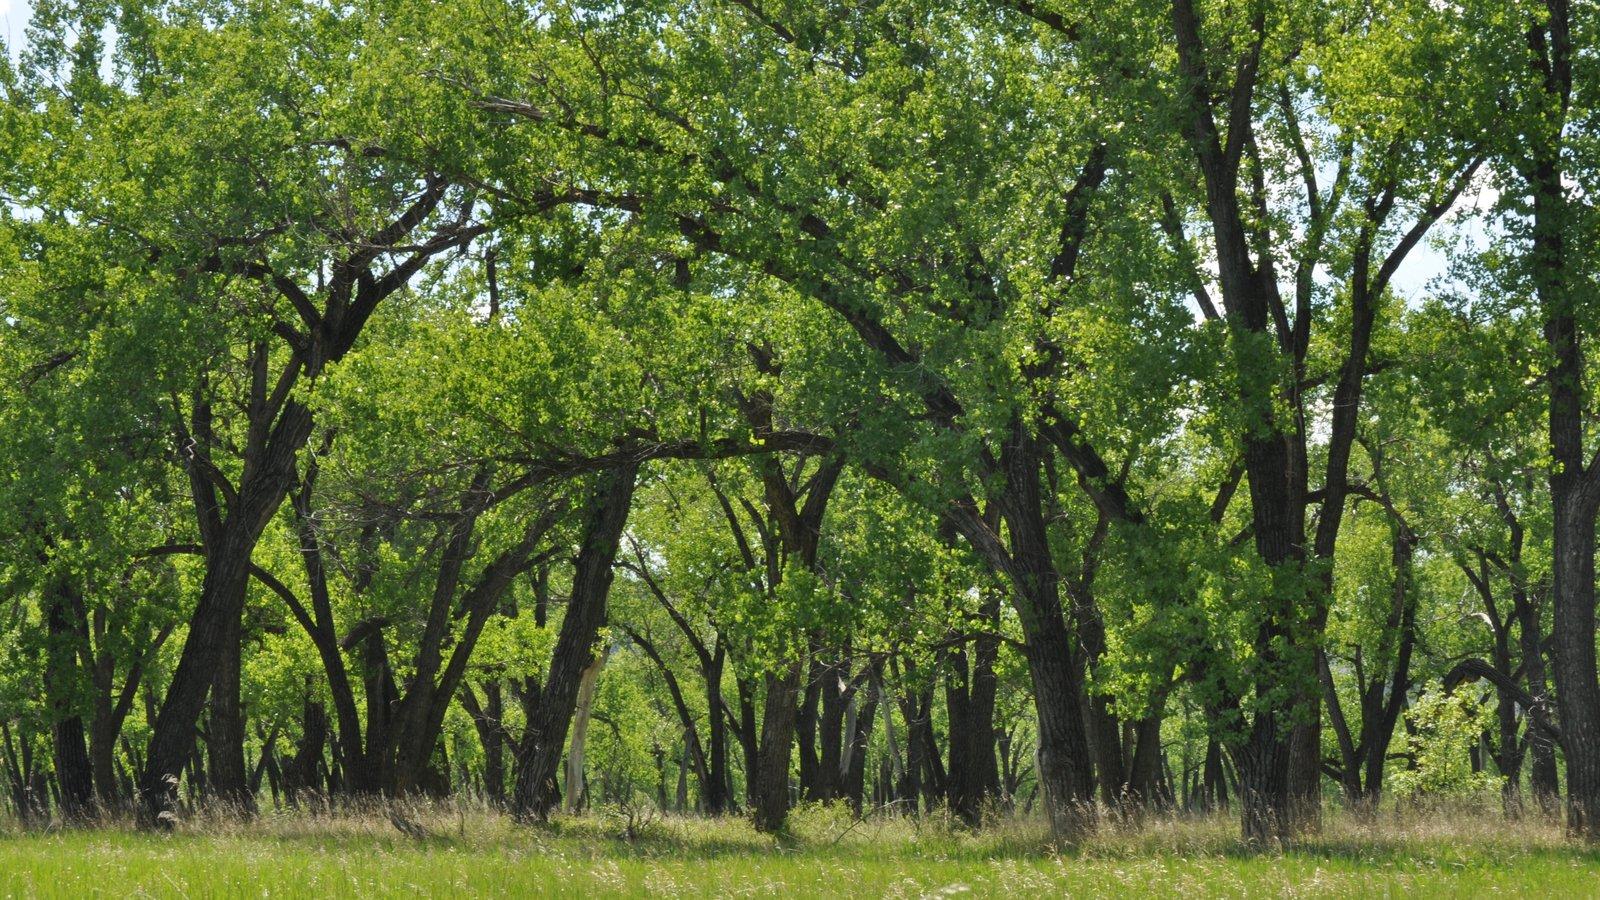 Parque Nacional de Theodore Roosevelt que inclui cenas tranquilas